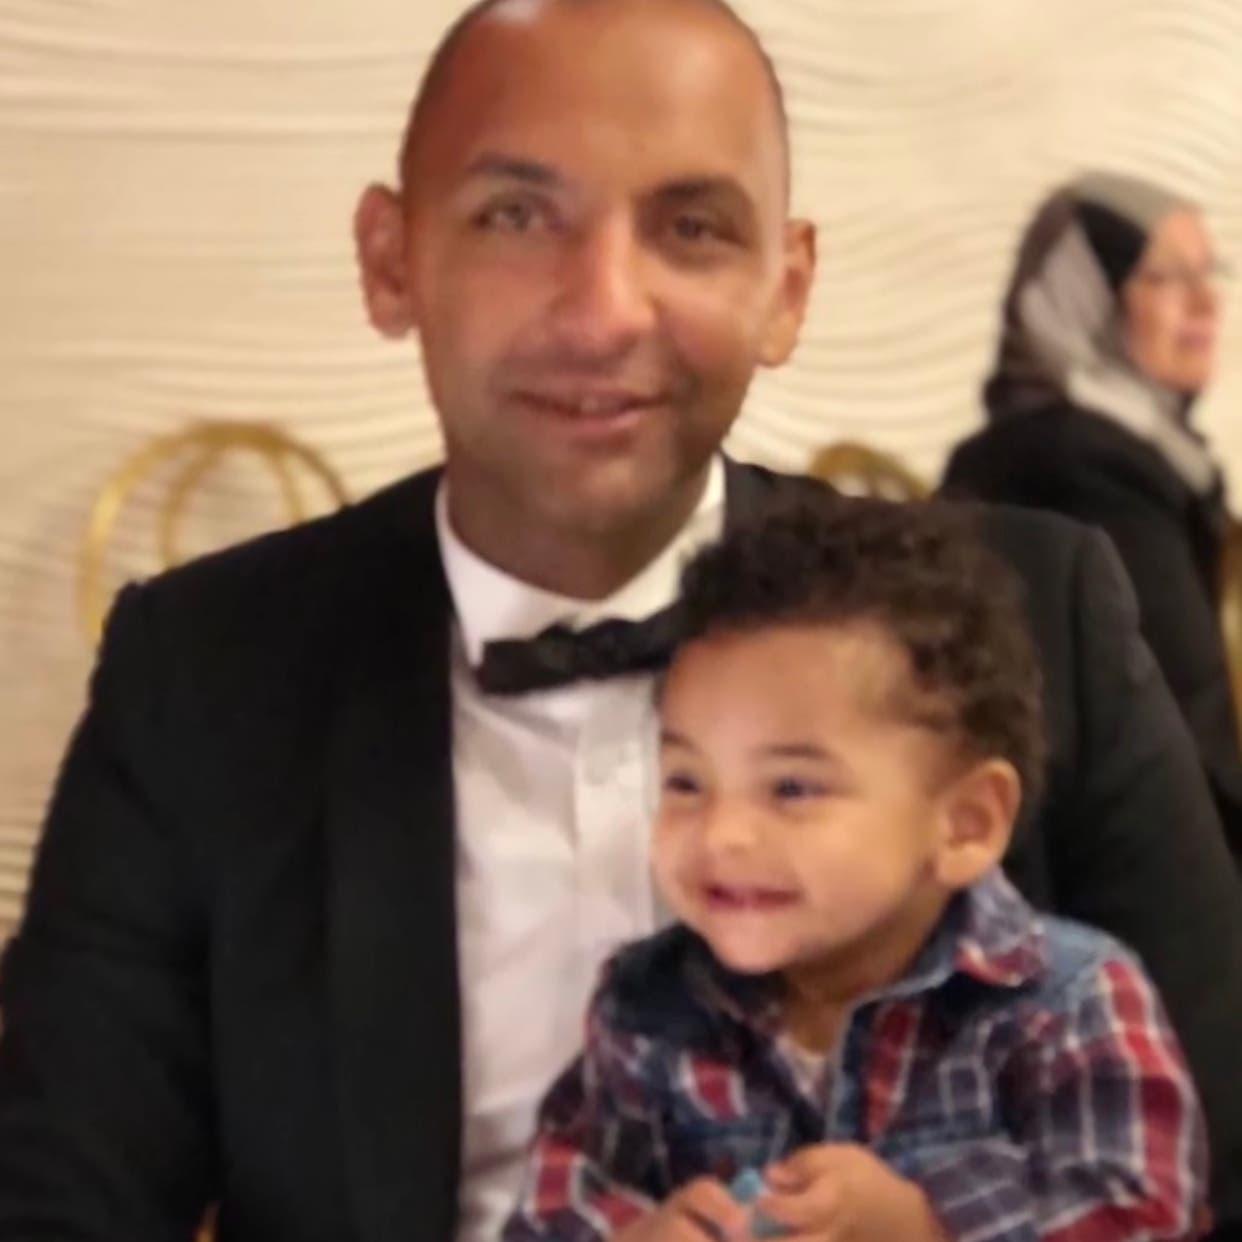 أسرة ضابط مصري ضحية تفجير في سيناء تنشر رسالته المؤثرة